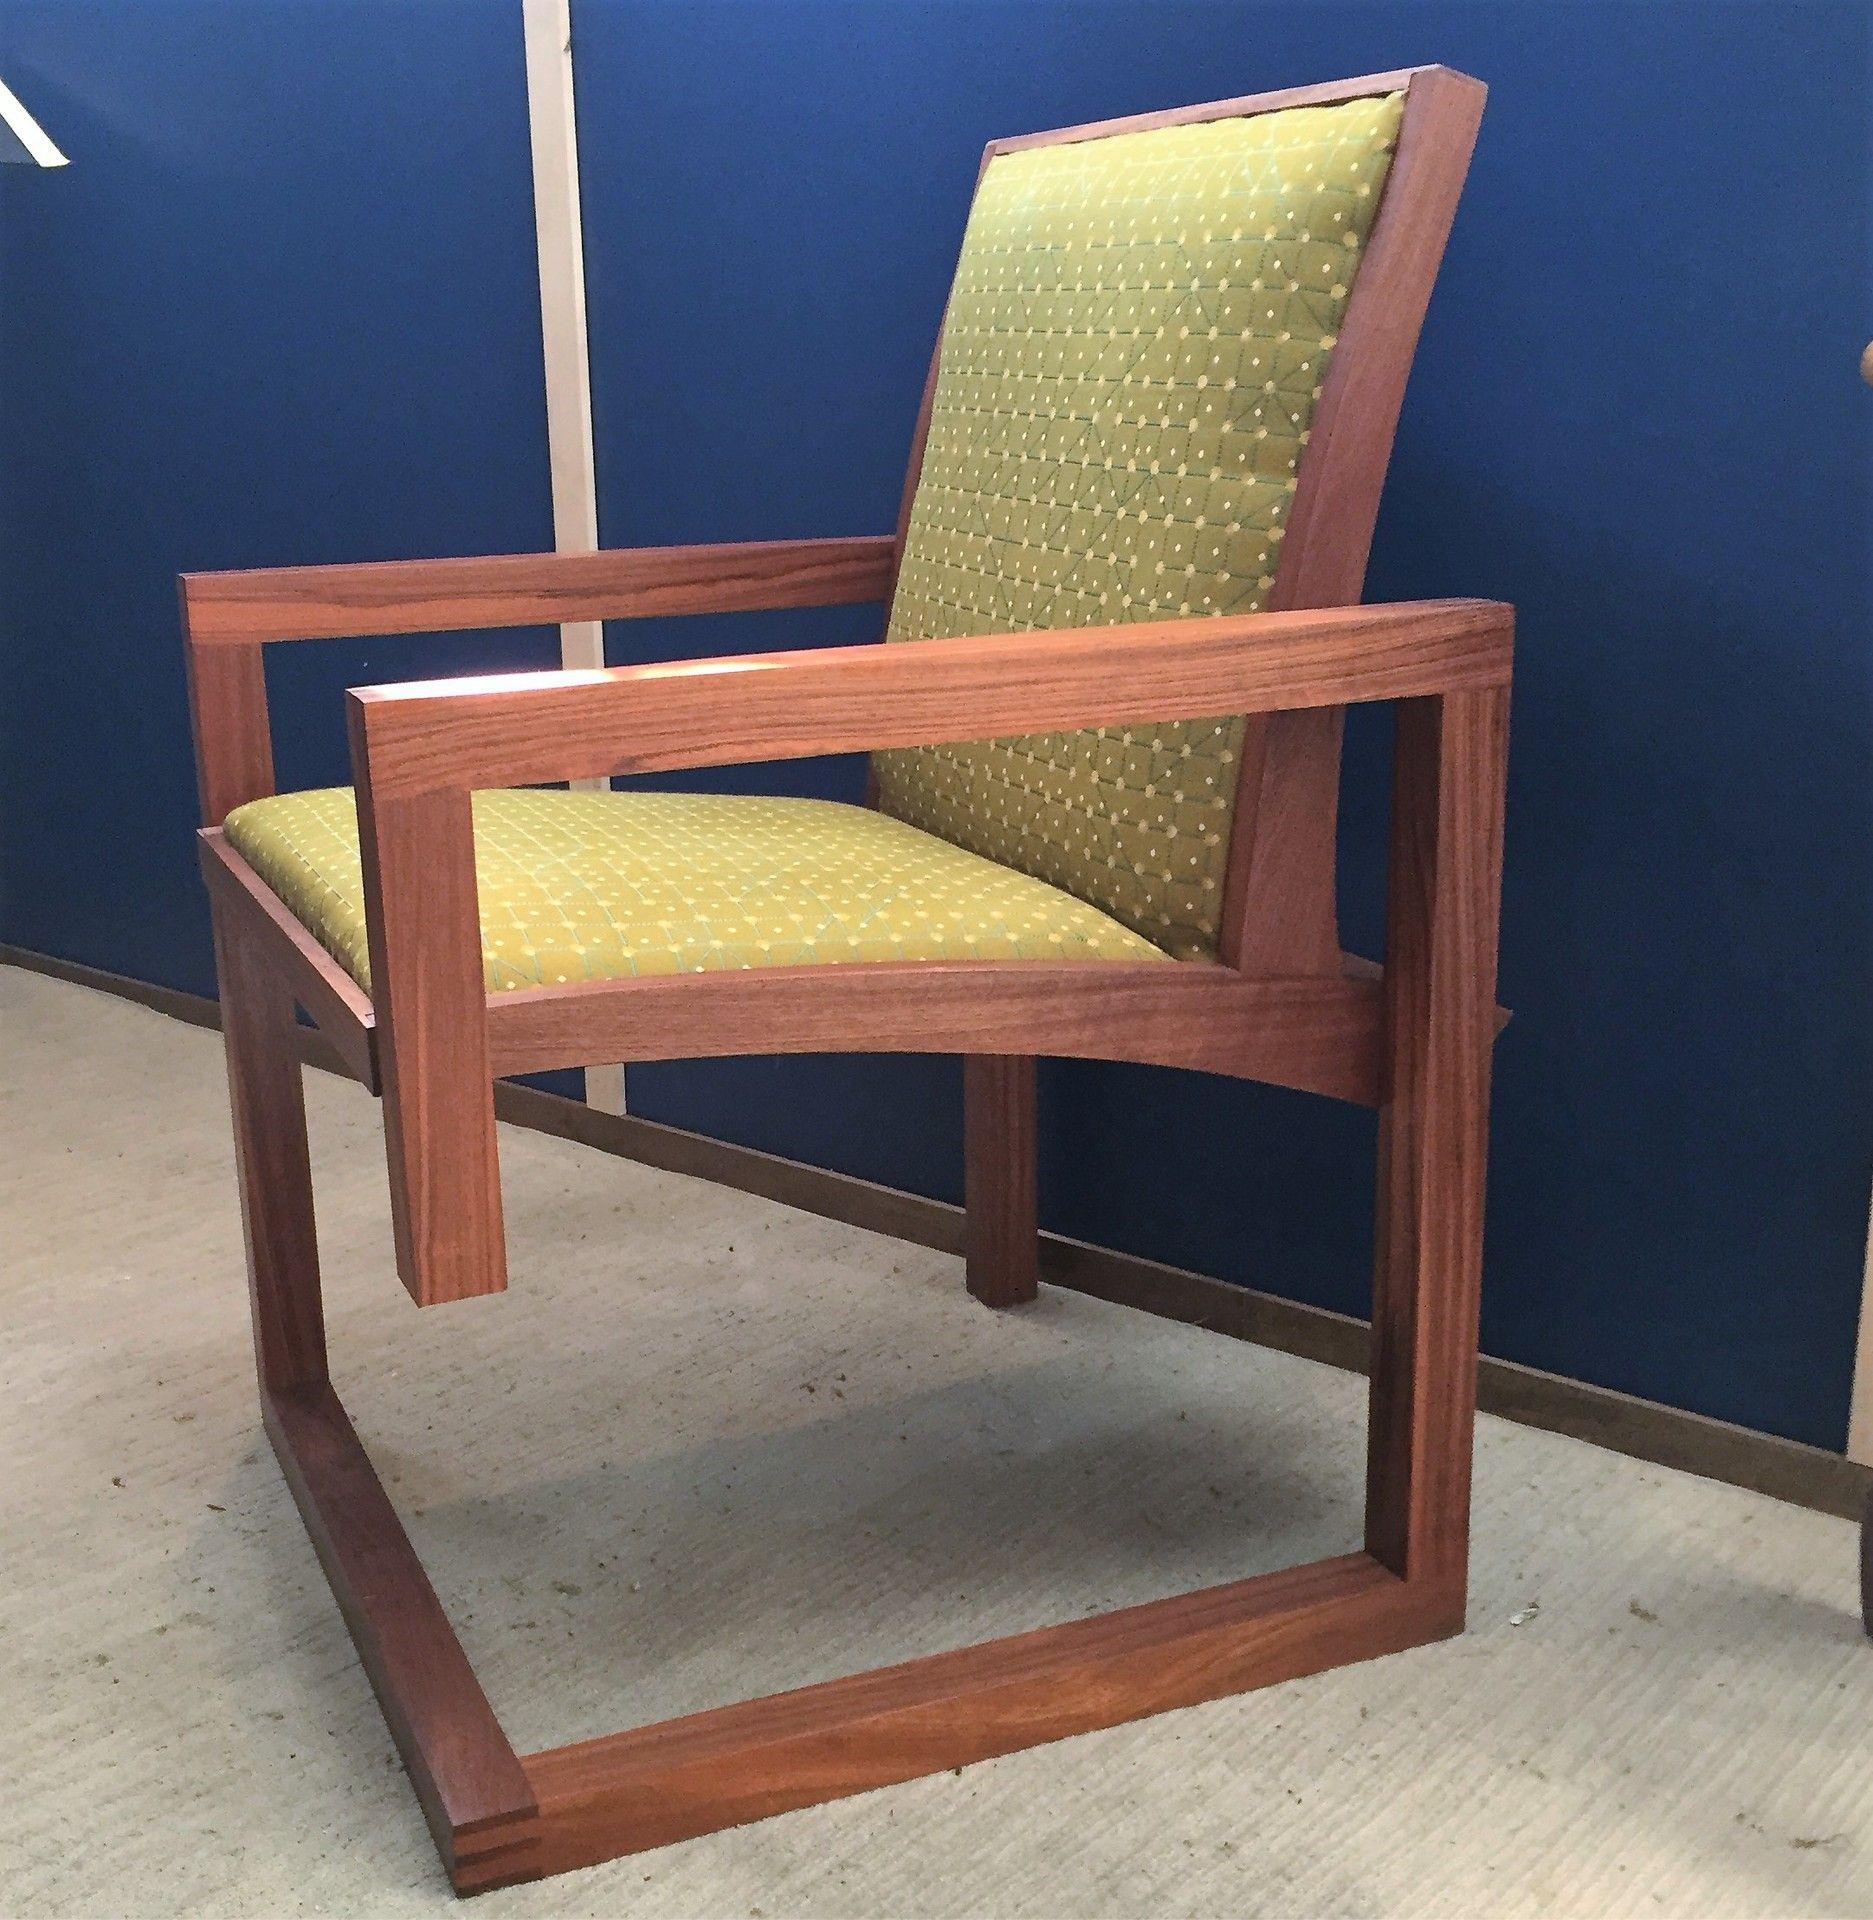 3 legged arm chair